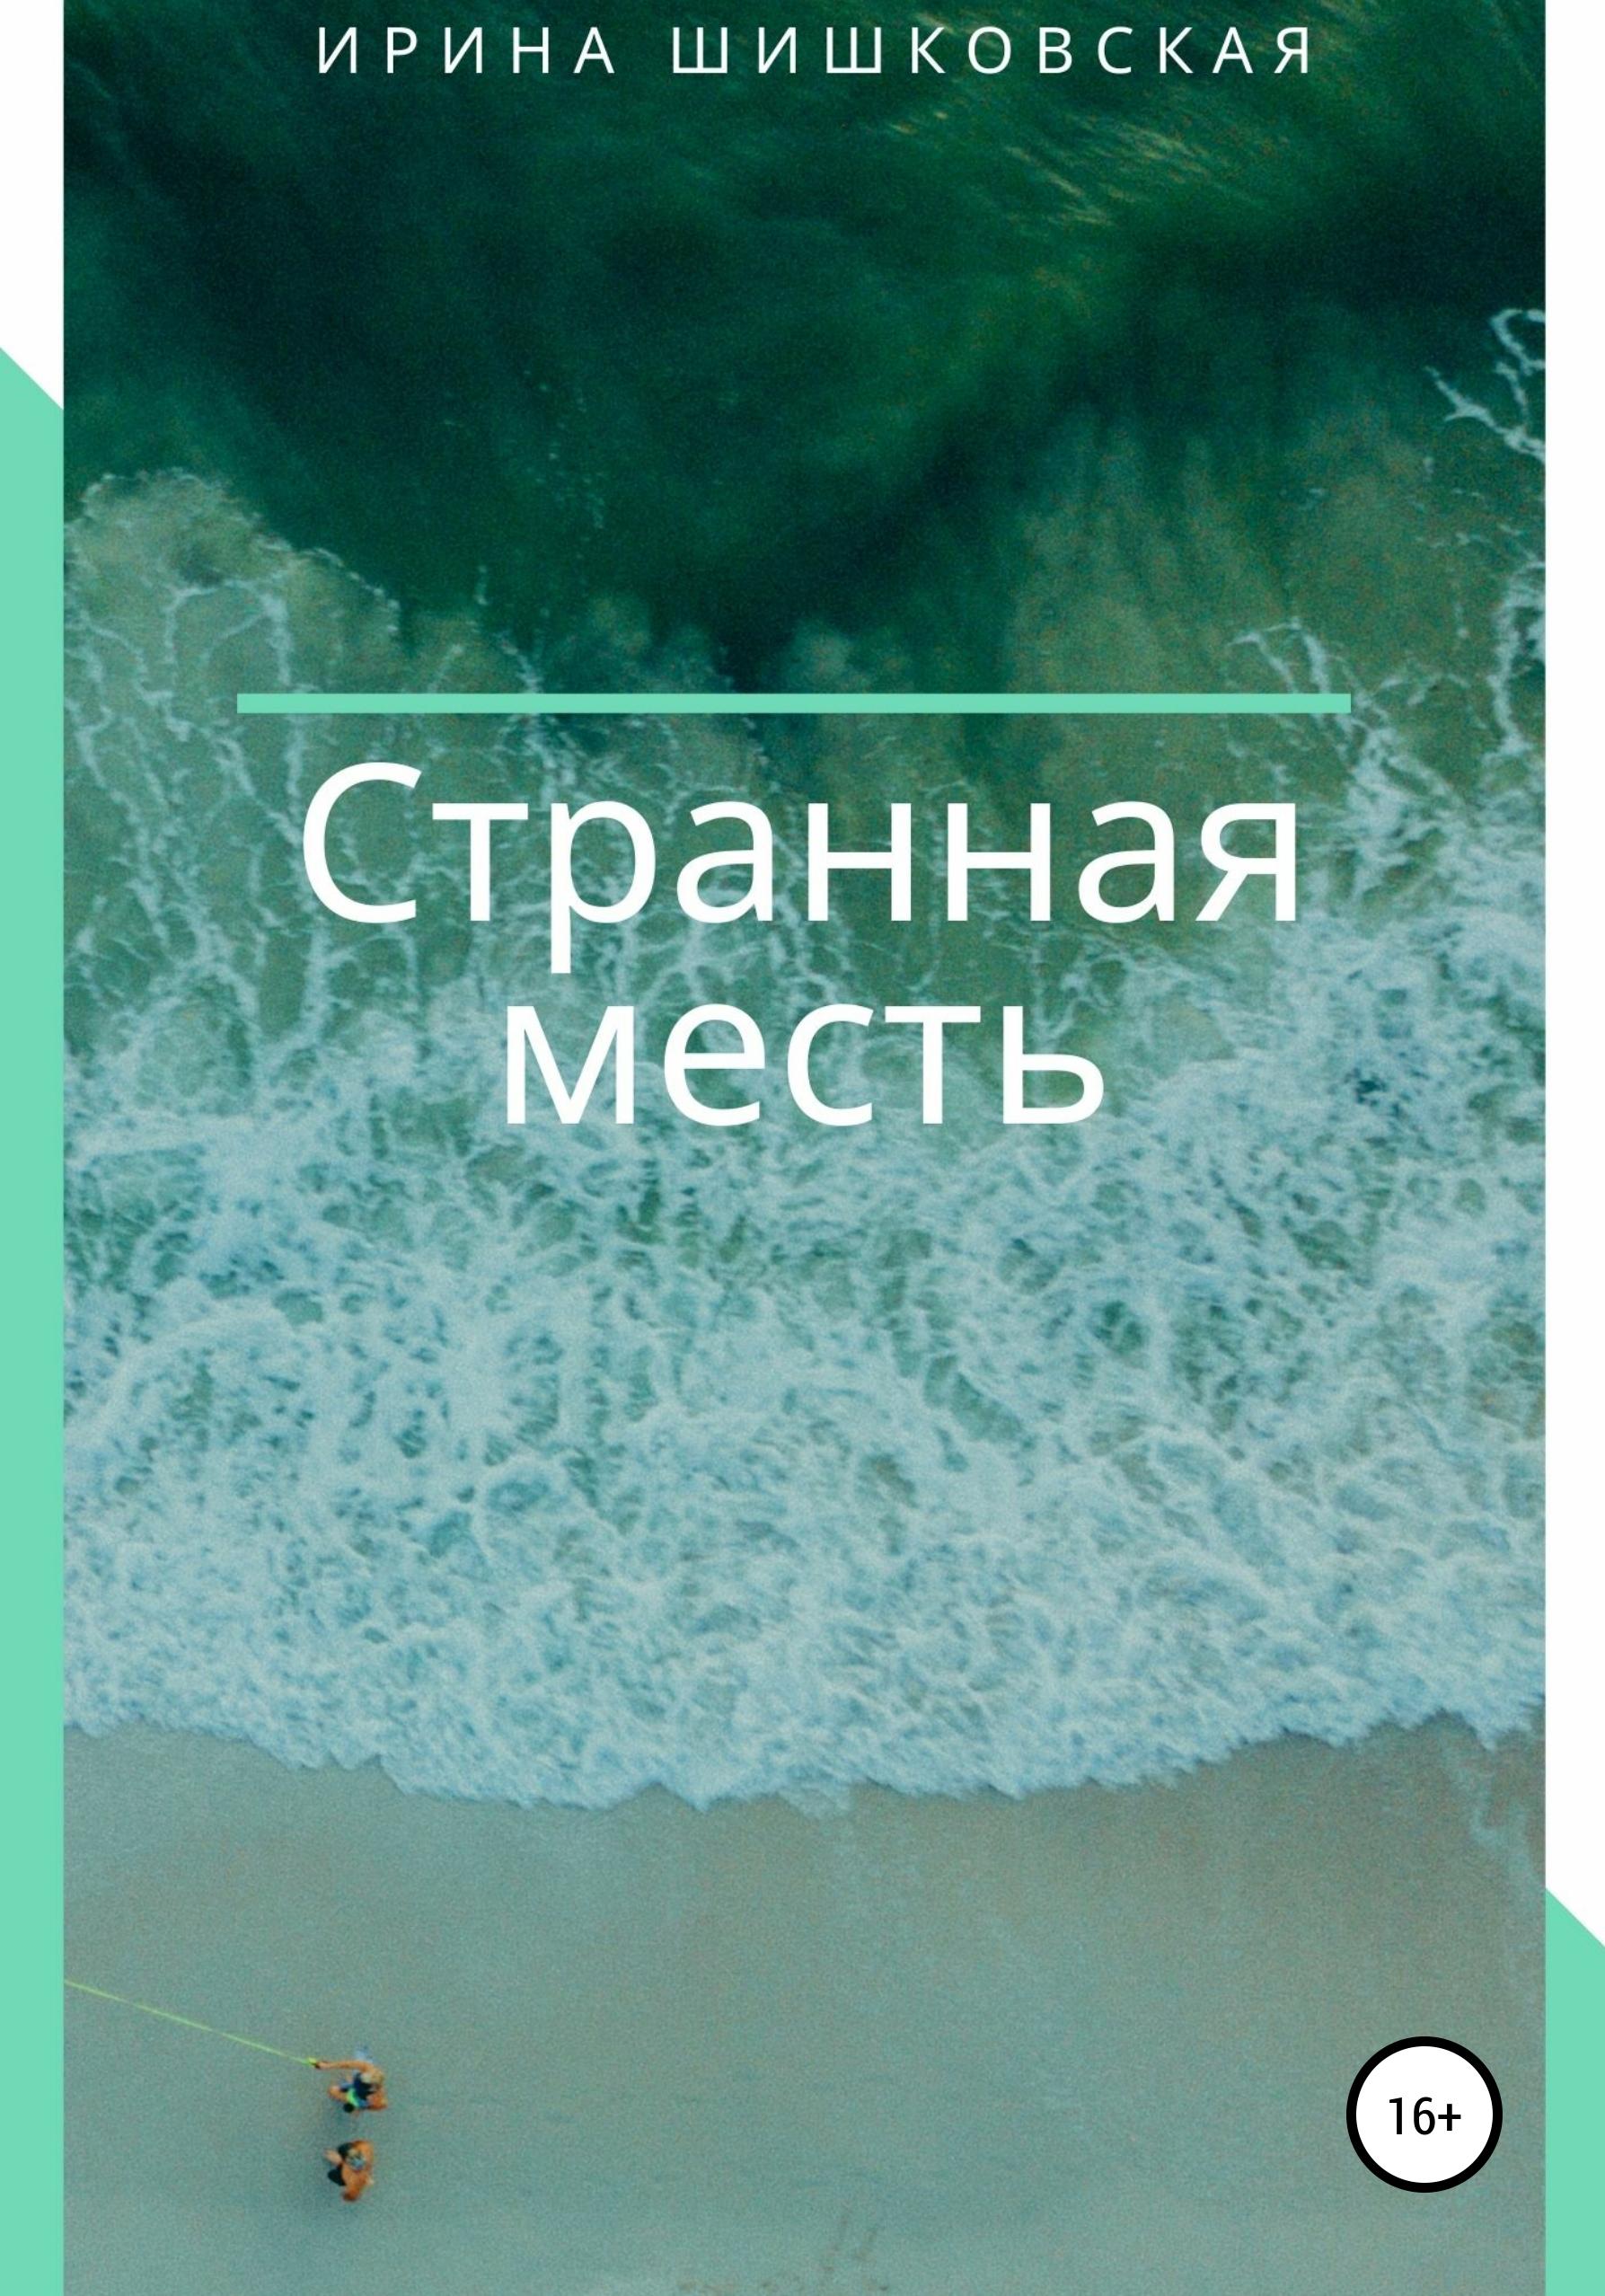 Купить книгу Странная месть, автора Ирины Шишковской